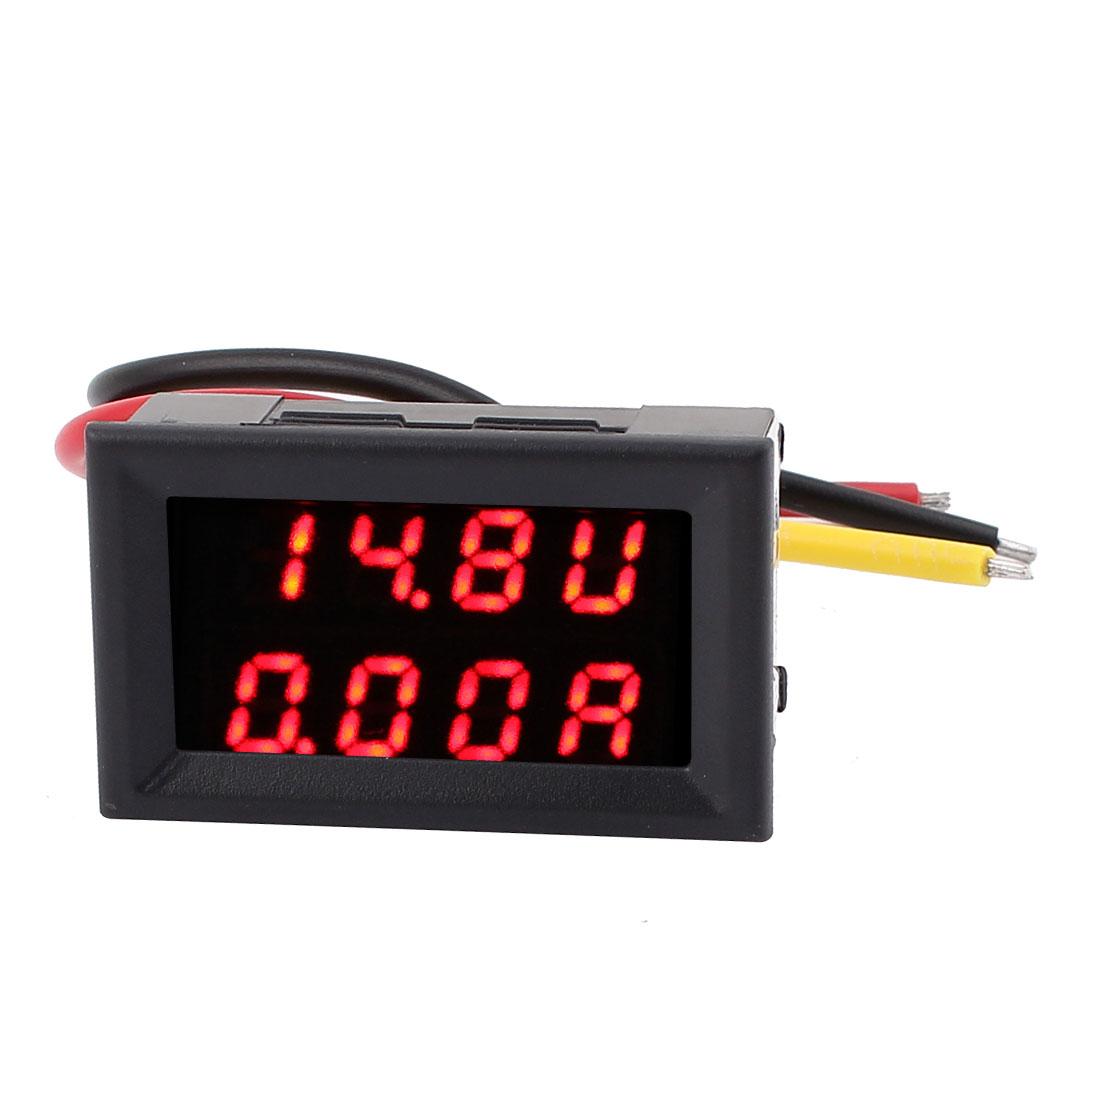 New DC 0-30V 0-20A Red LED Dual Digital Panel Voltmeter Ammeter Meter 2IN1